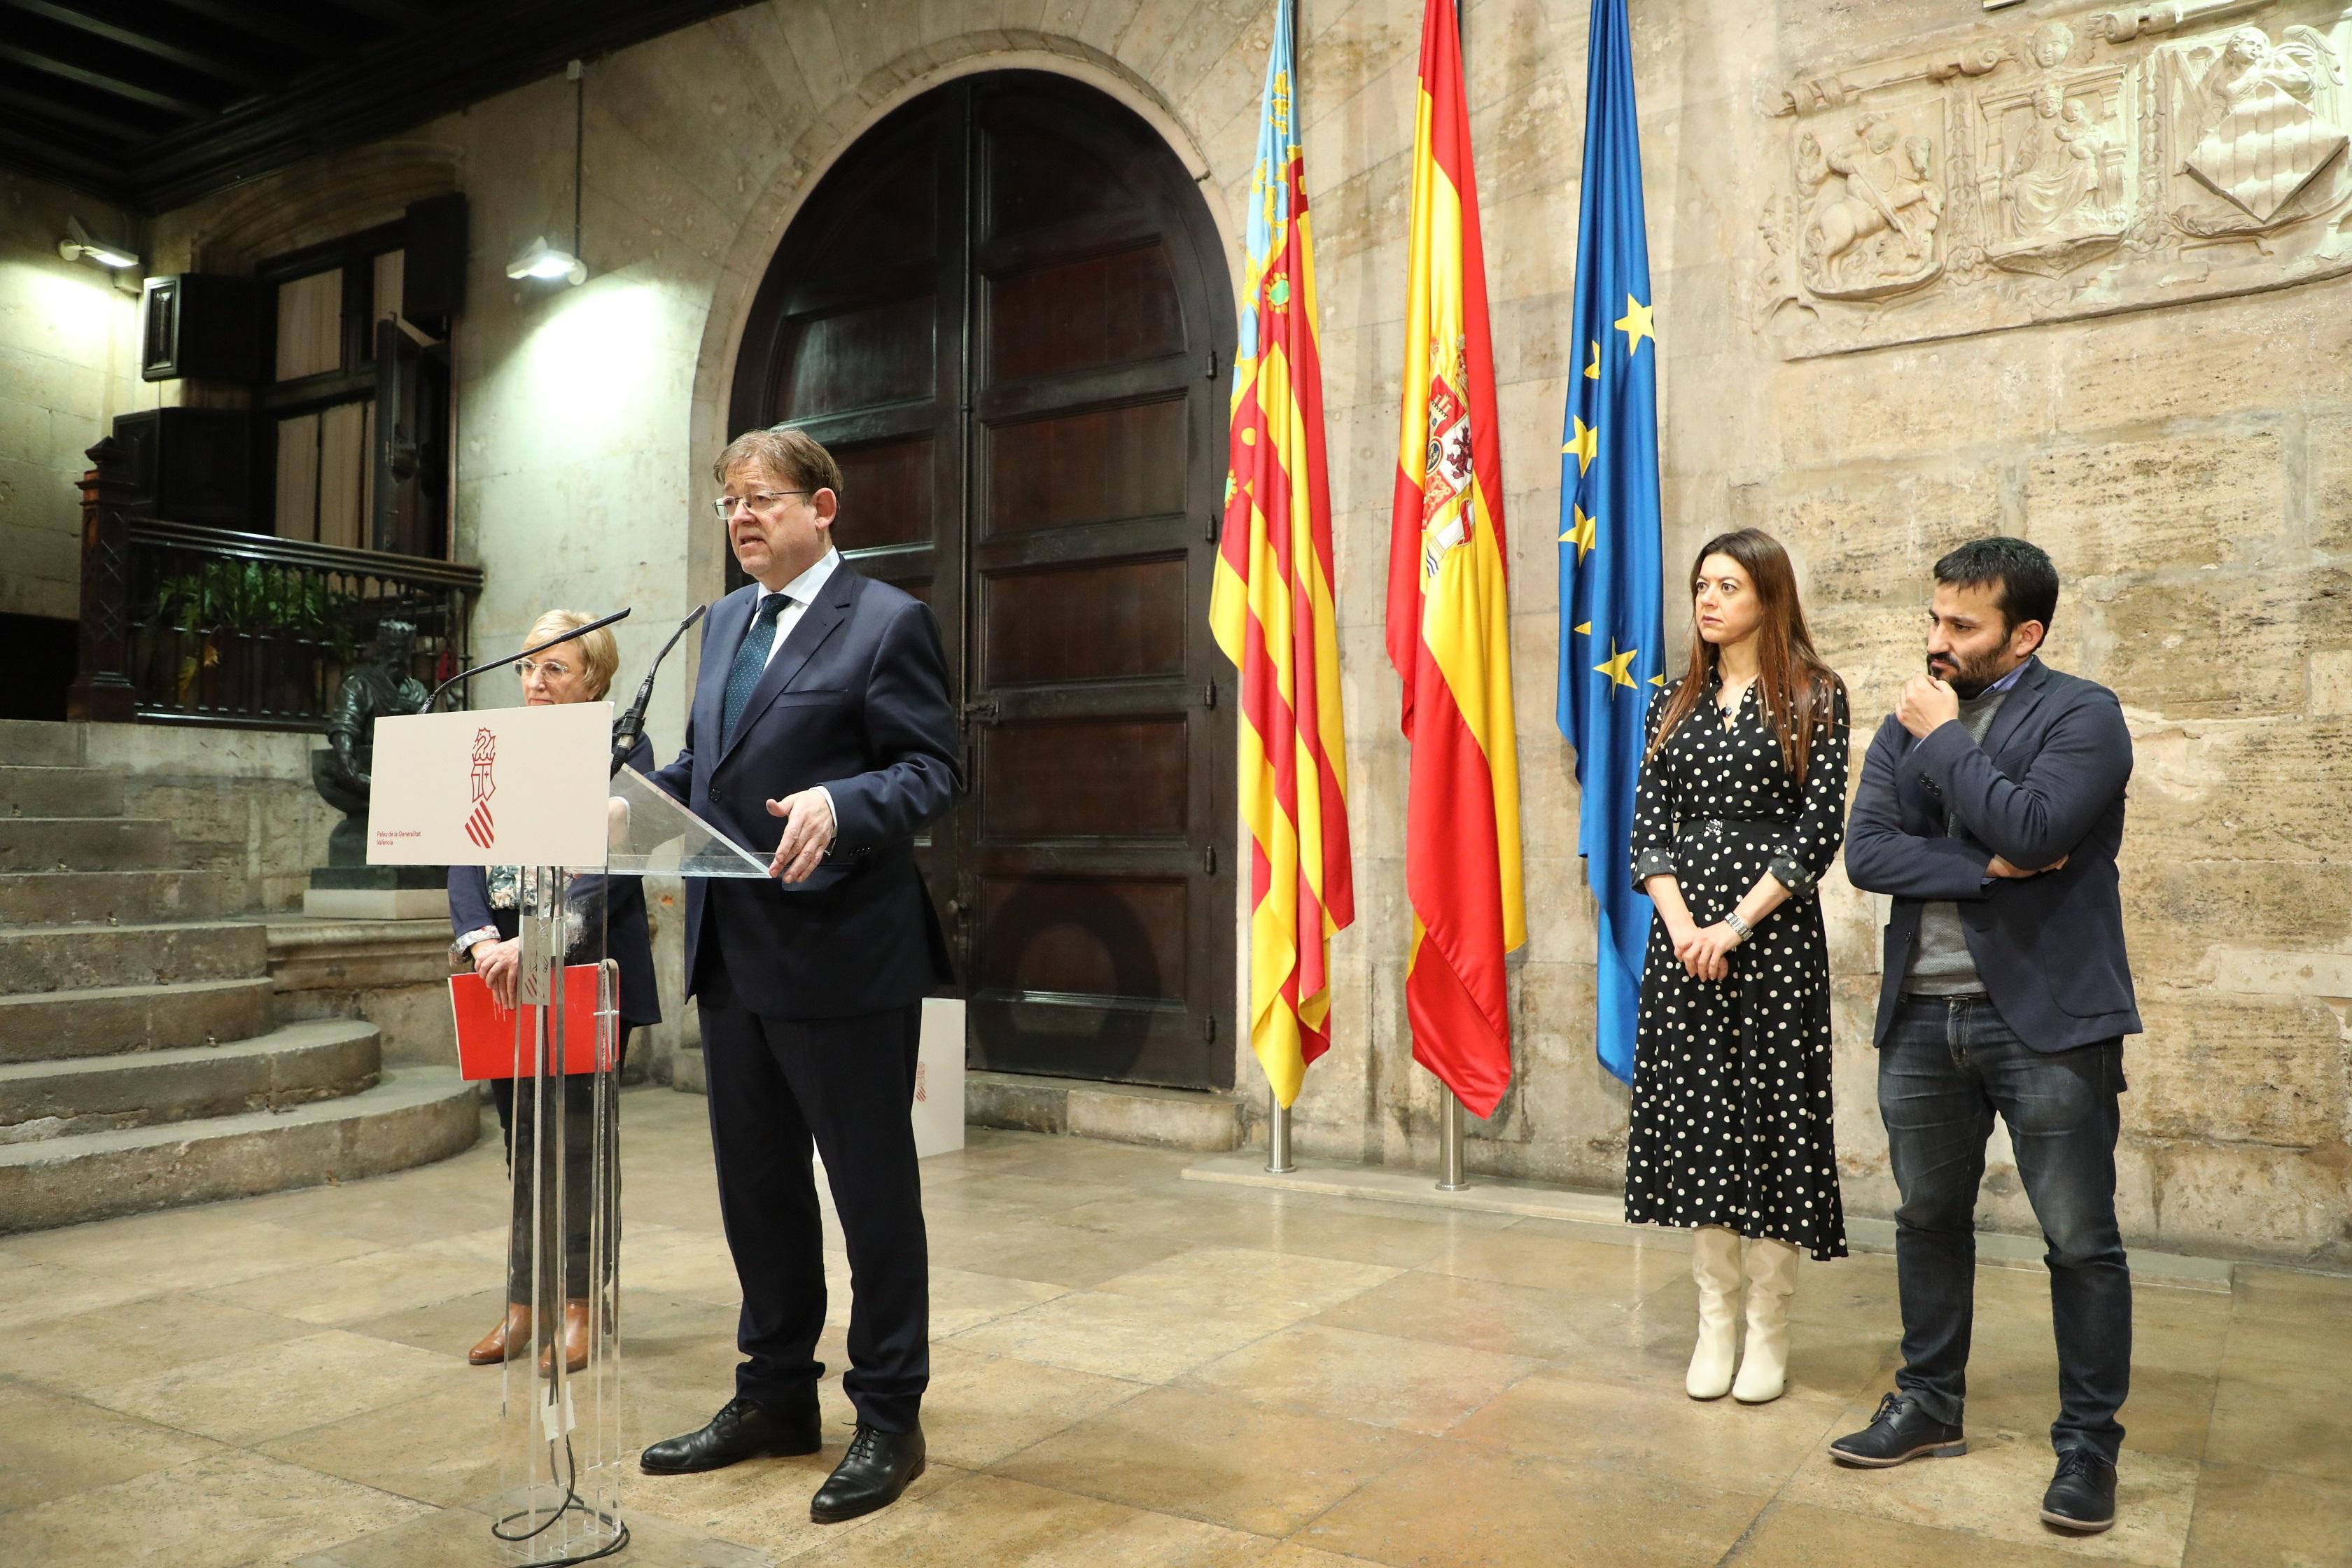 Ximo Puig anuncia la suspensión de toda la actividad educativa y formativa presencial en la Comunitat Valenciana a partir del lunes 16 de marzo co...